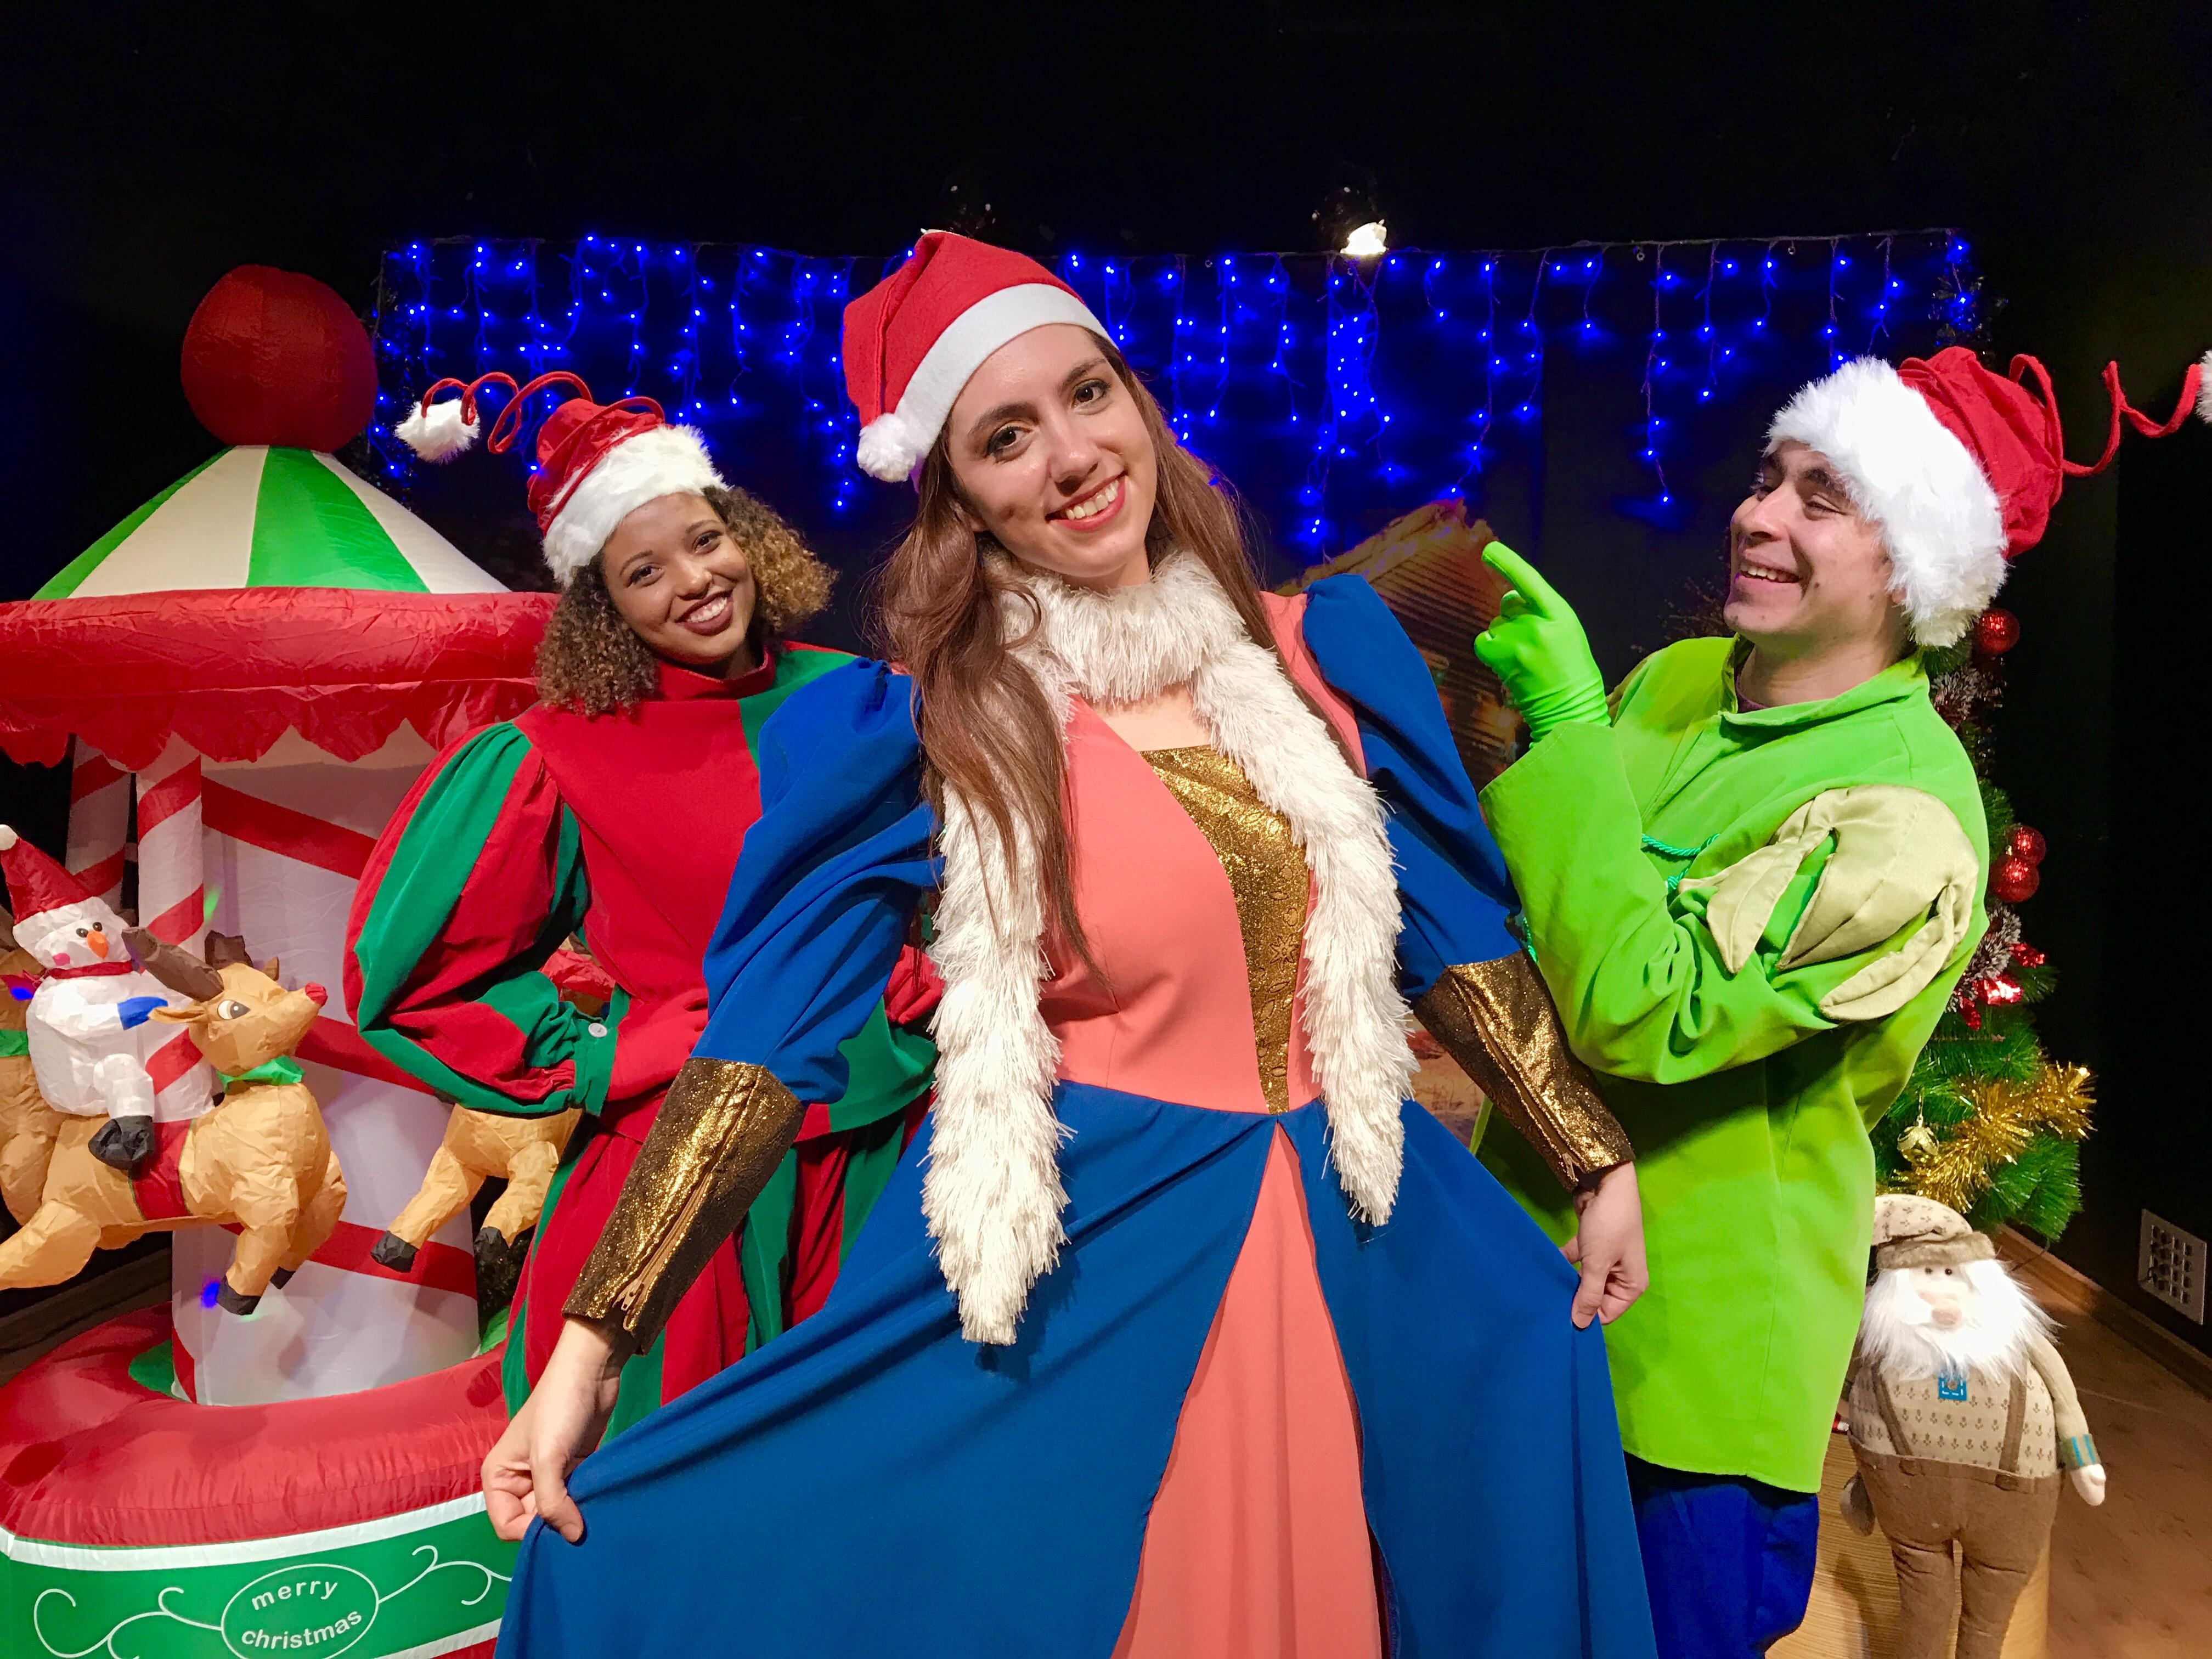 Atores interpretam personagens que vão lidar com uma 'Misteriosa Carta de Papai Noel'(Cia Arte & Manhas/Divulgação)